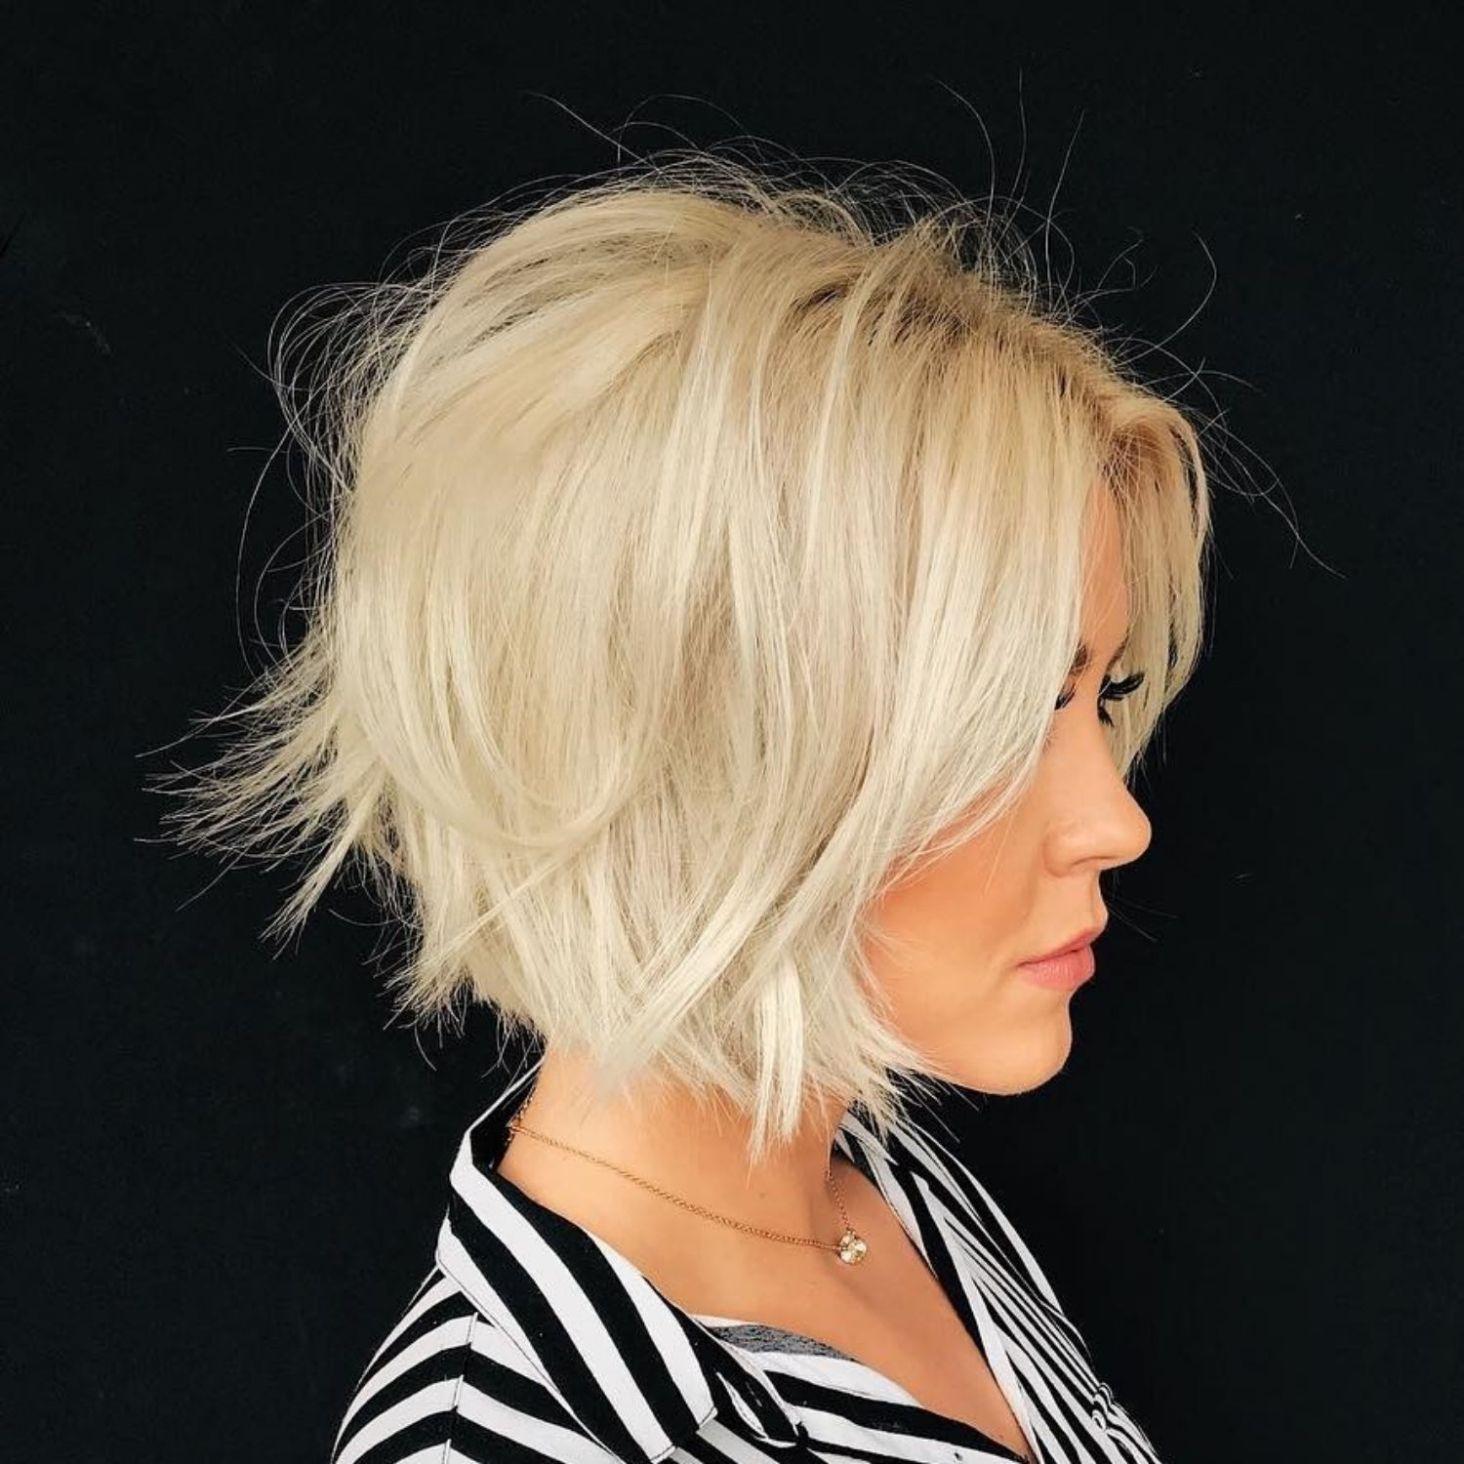 Chin Length Messy Blonde Bob Kapsels Kapsels Voor Kort Haar Lange Blonde Kapsels